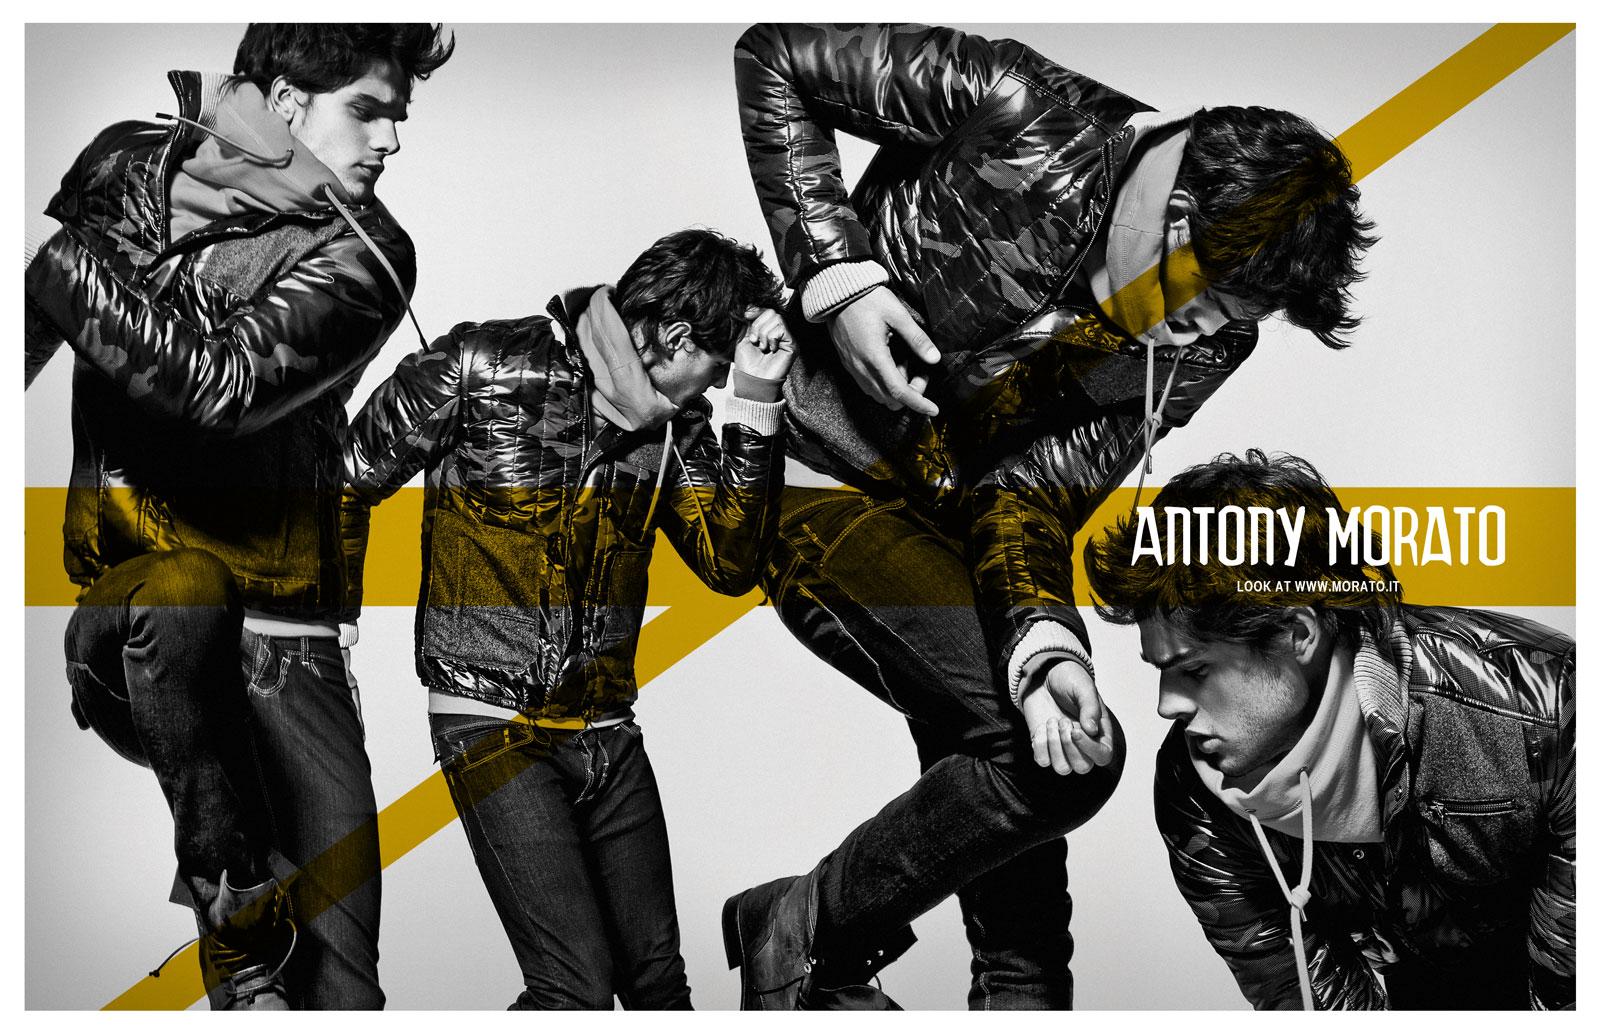 Antony Morato Fall Winter 2011 Ad Campaign | Art8amby's Blog